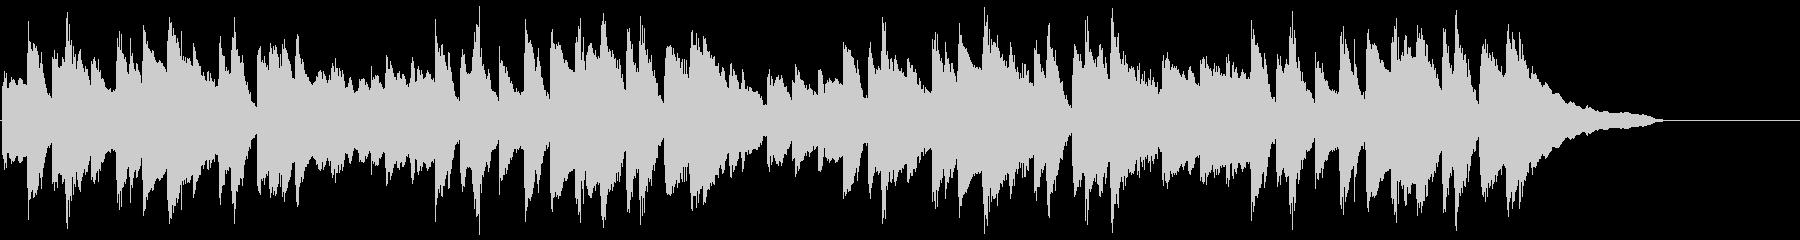 ネットCM 30秒 ソロピアノ 日常の未再生の波形